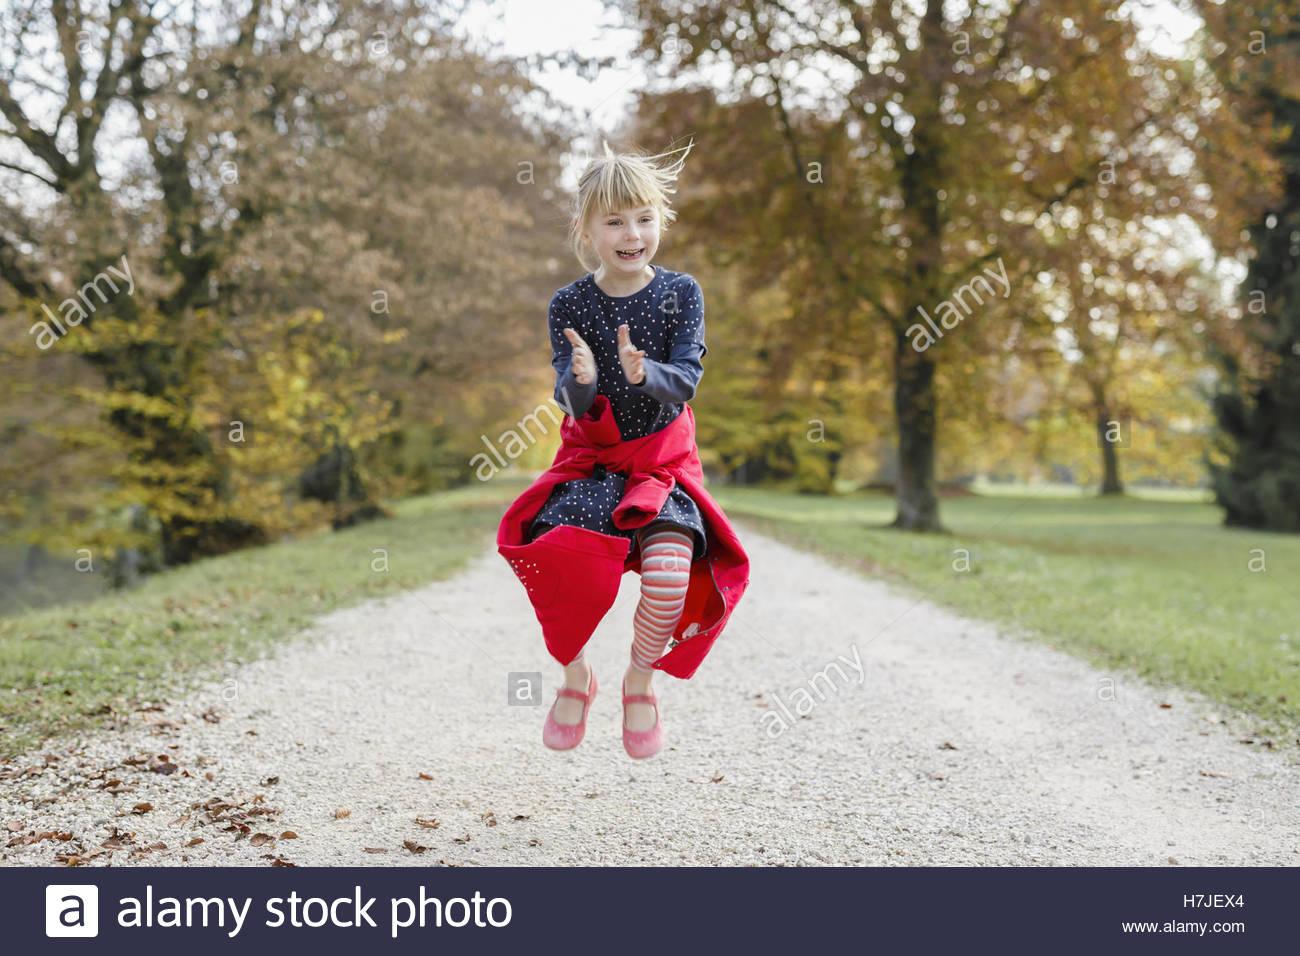 Happy Herbst. Kleines Mädchen im roten Mantel im Herbst Park springen. Stockbild